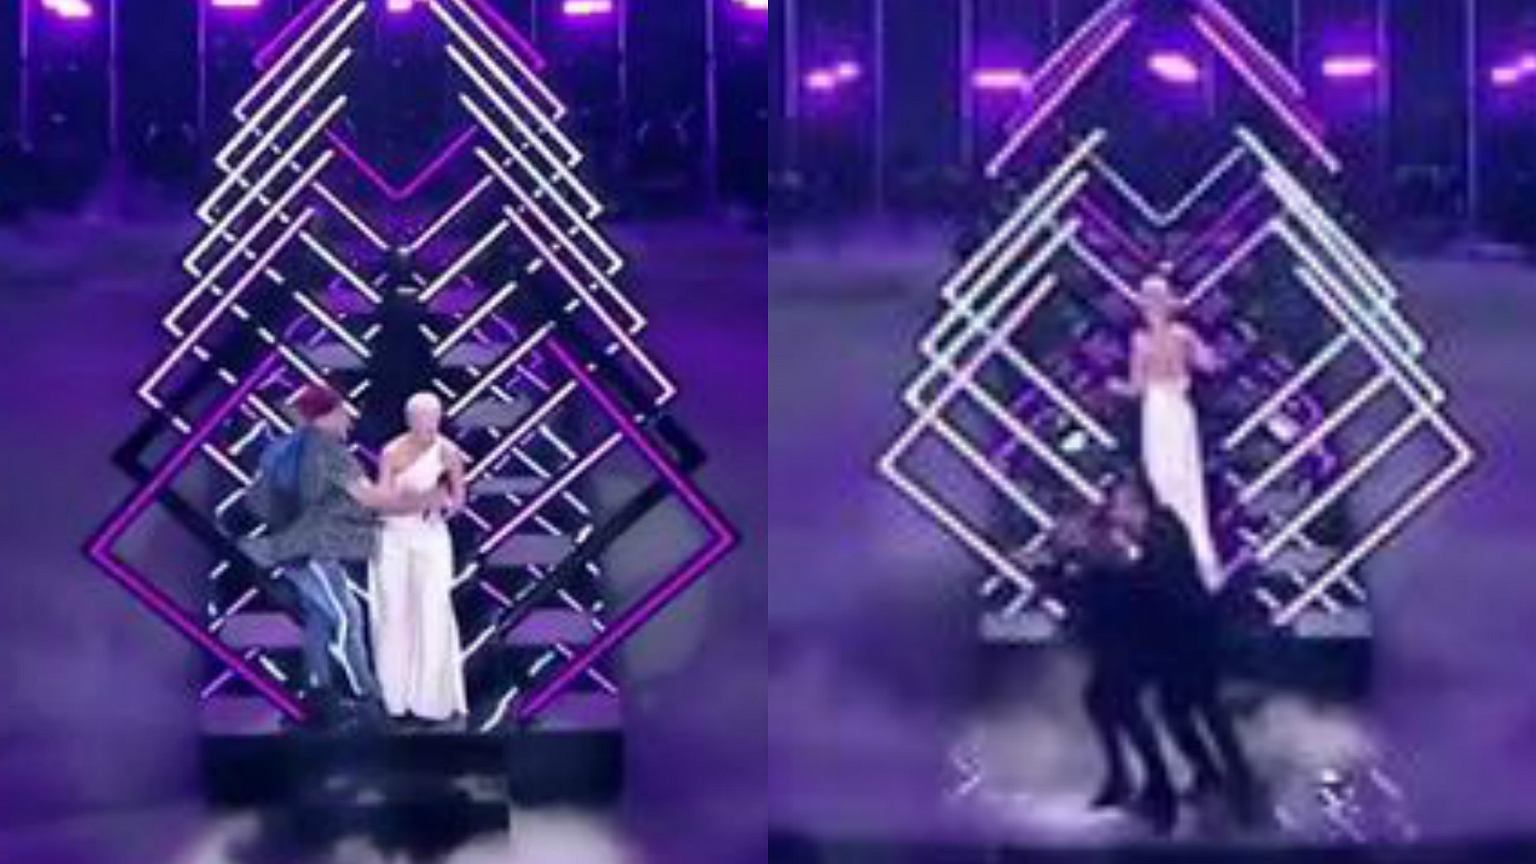 Eurowizja 2018. MEGA wpadka! Ochrona zawiodła. Podczas występu Brytyjki ktoś nagle wbiegł na scenę i zaczął krzyczeć